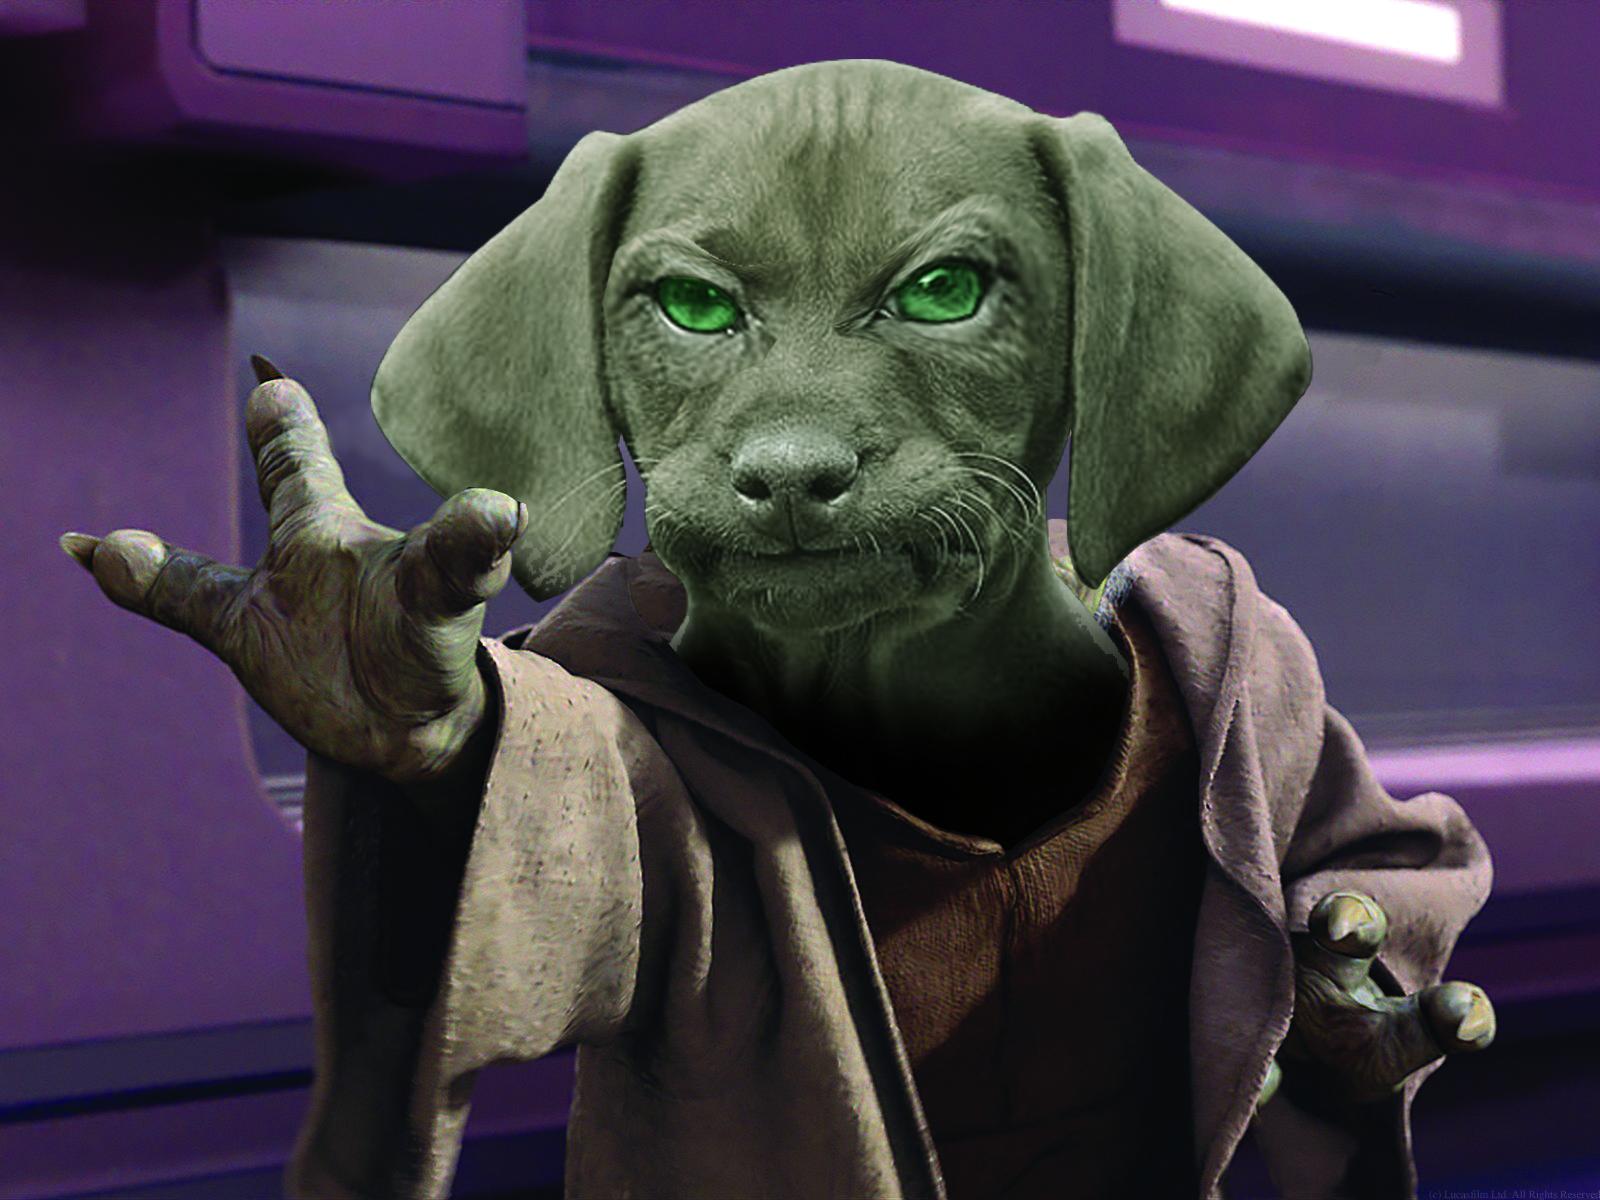 Yoda dawg